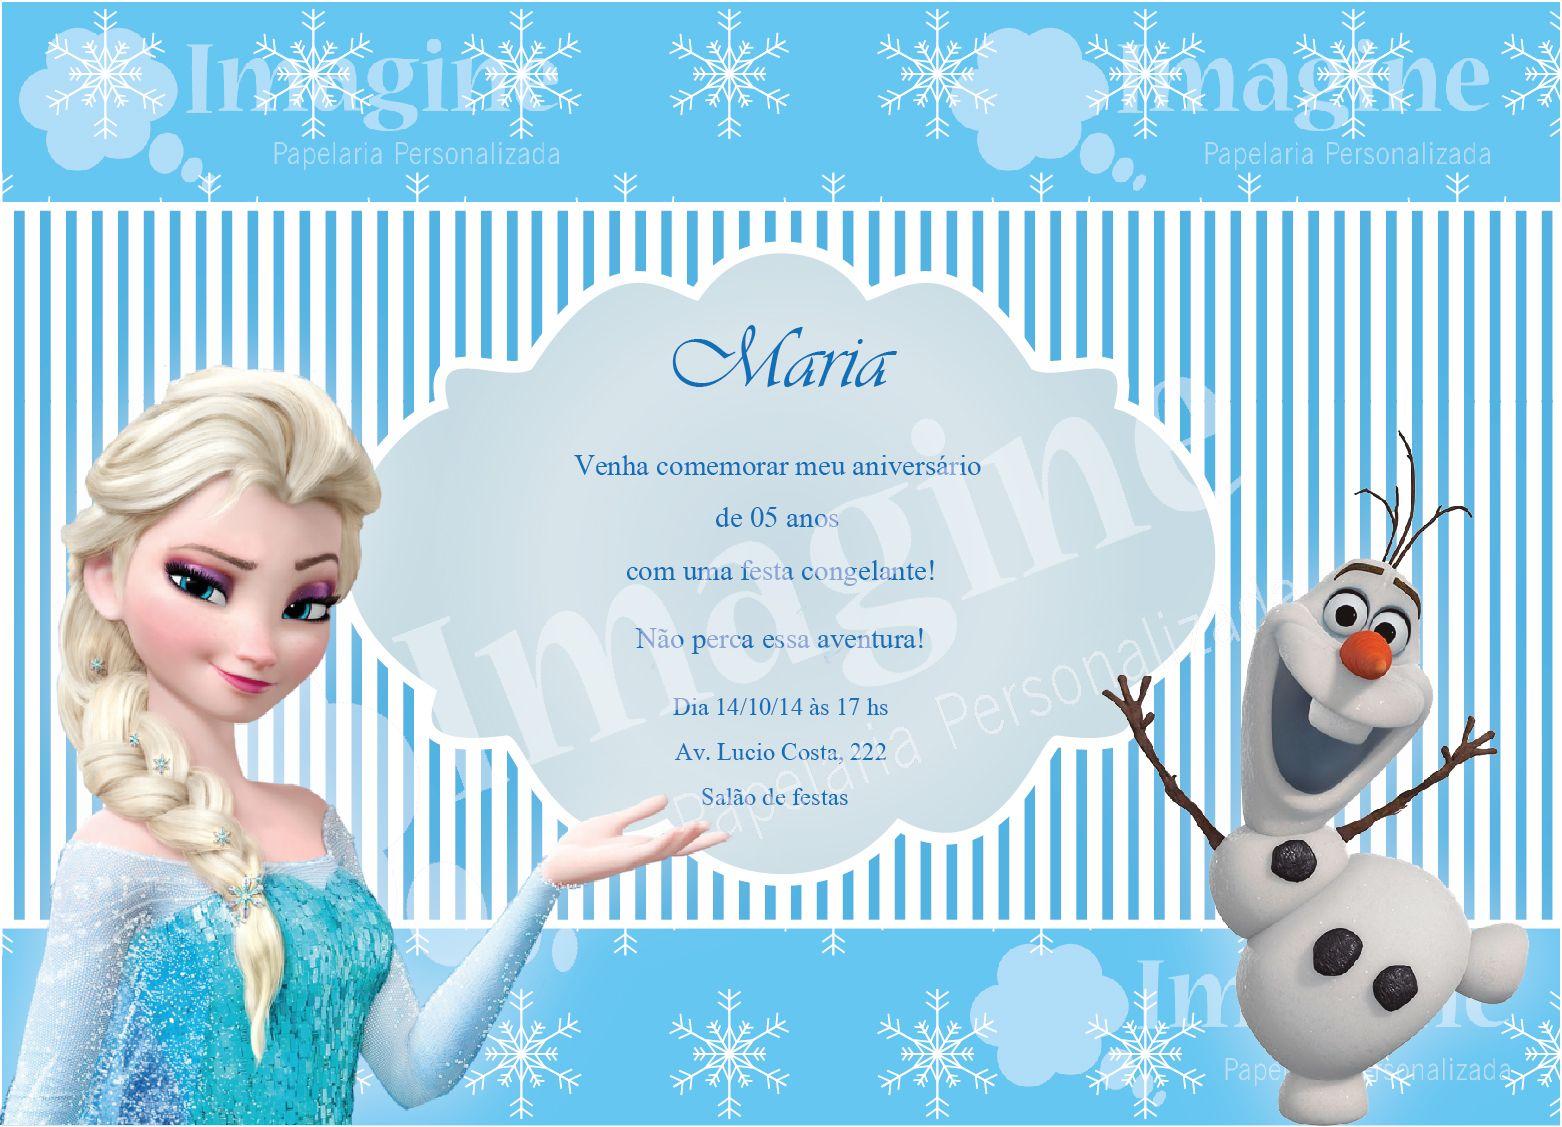 Aniversario De Texto: Texto Para Convite Da Frozen Para 1 Ano 1 3 Anos